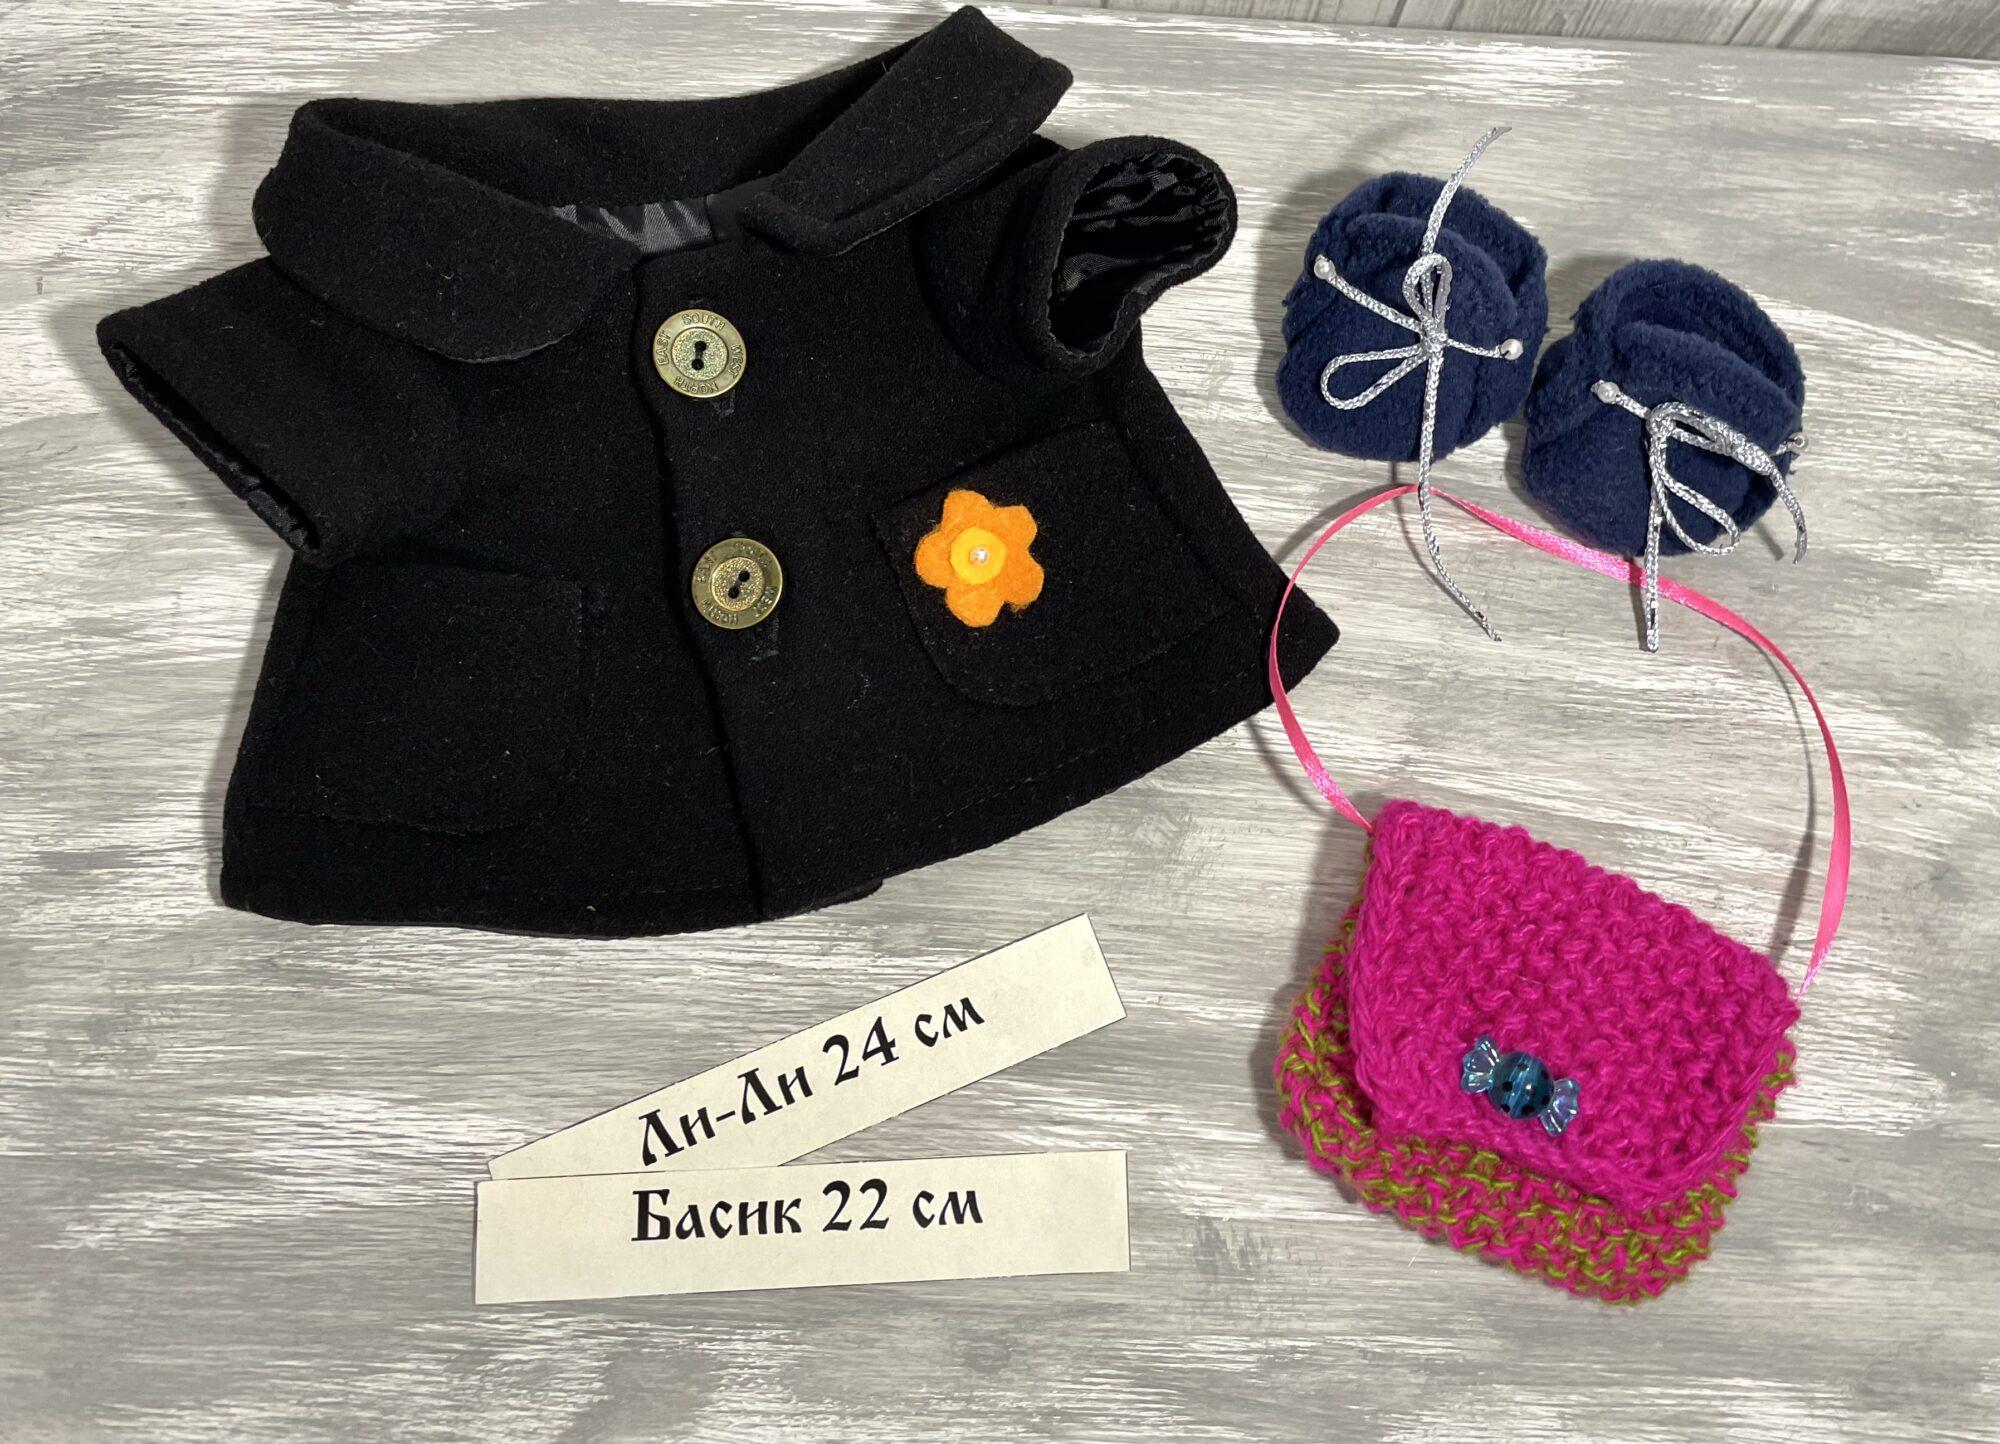 Пальто чёрное с подкладкой, обувь и сумочка